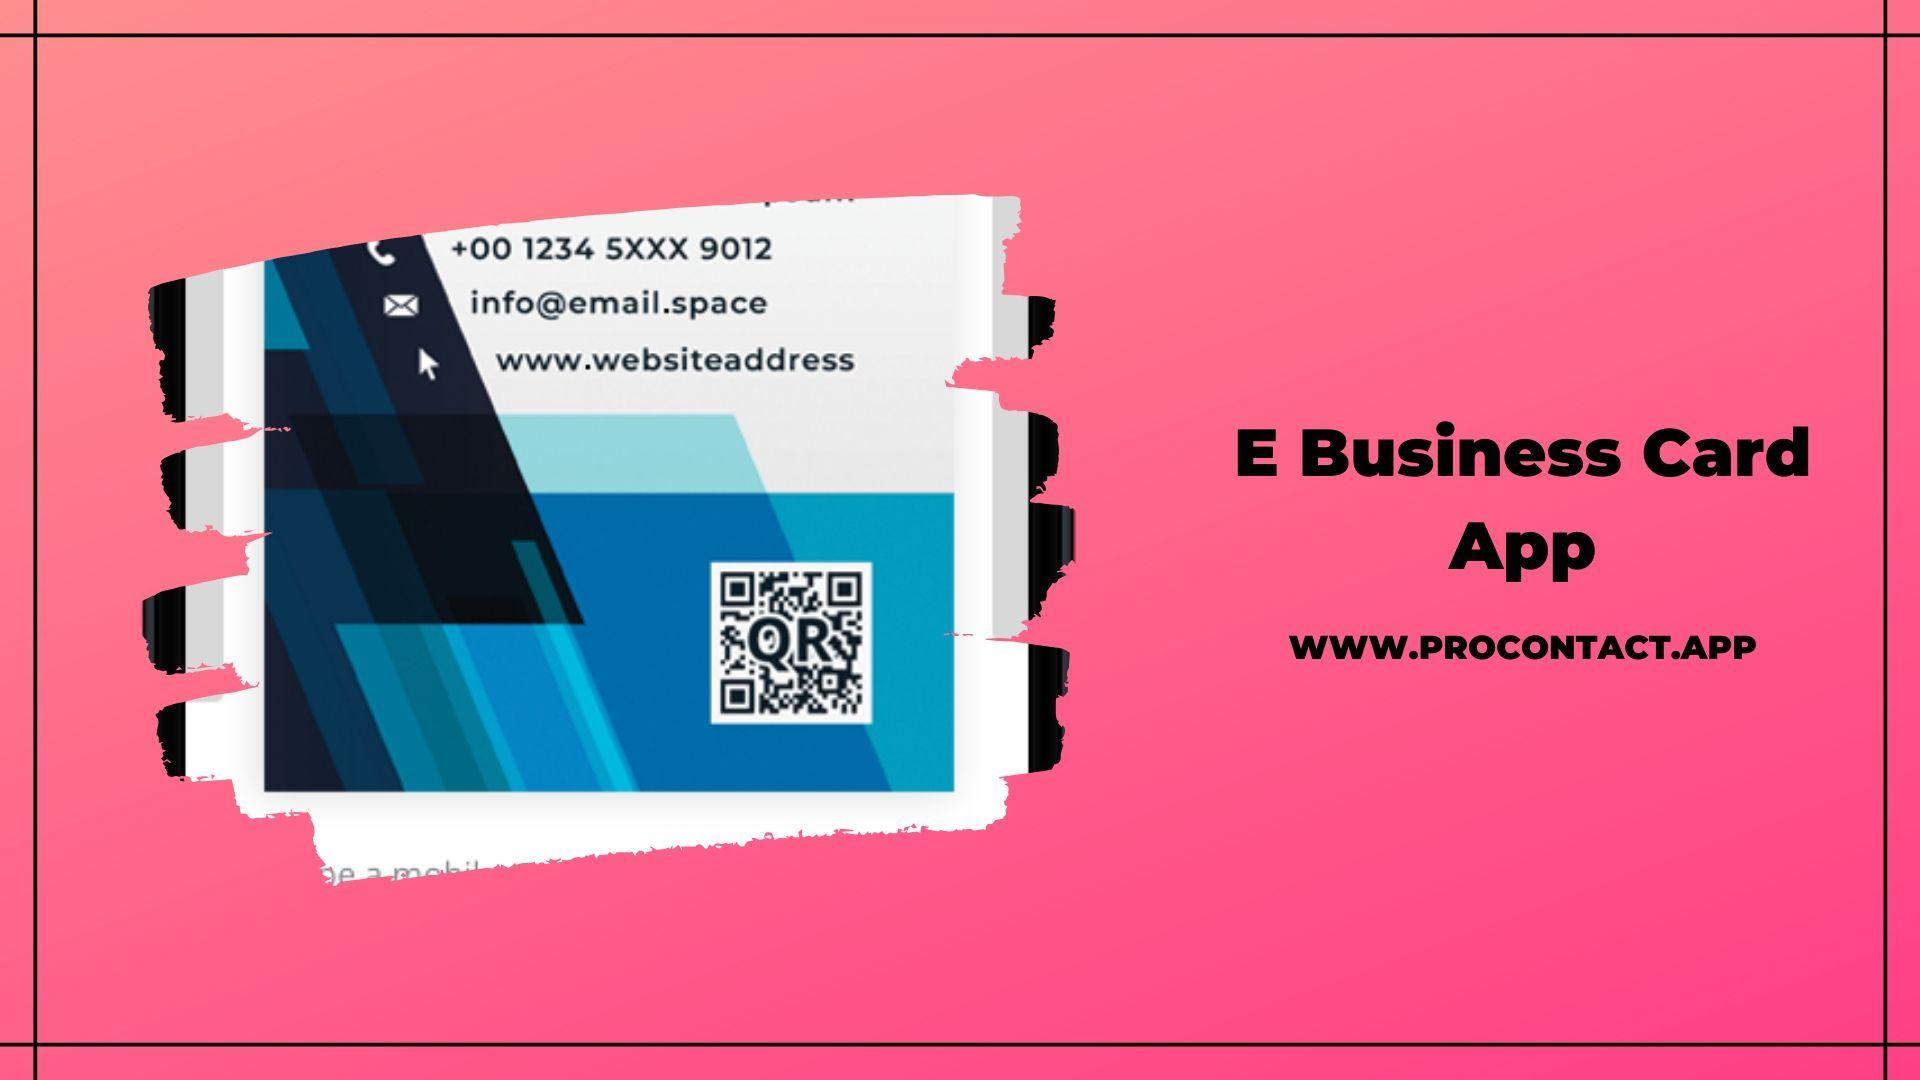 Get The Best E Business Card App Digital Business Card Business Card App Free Business Cards